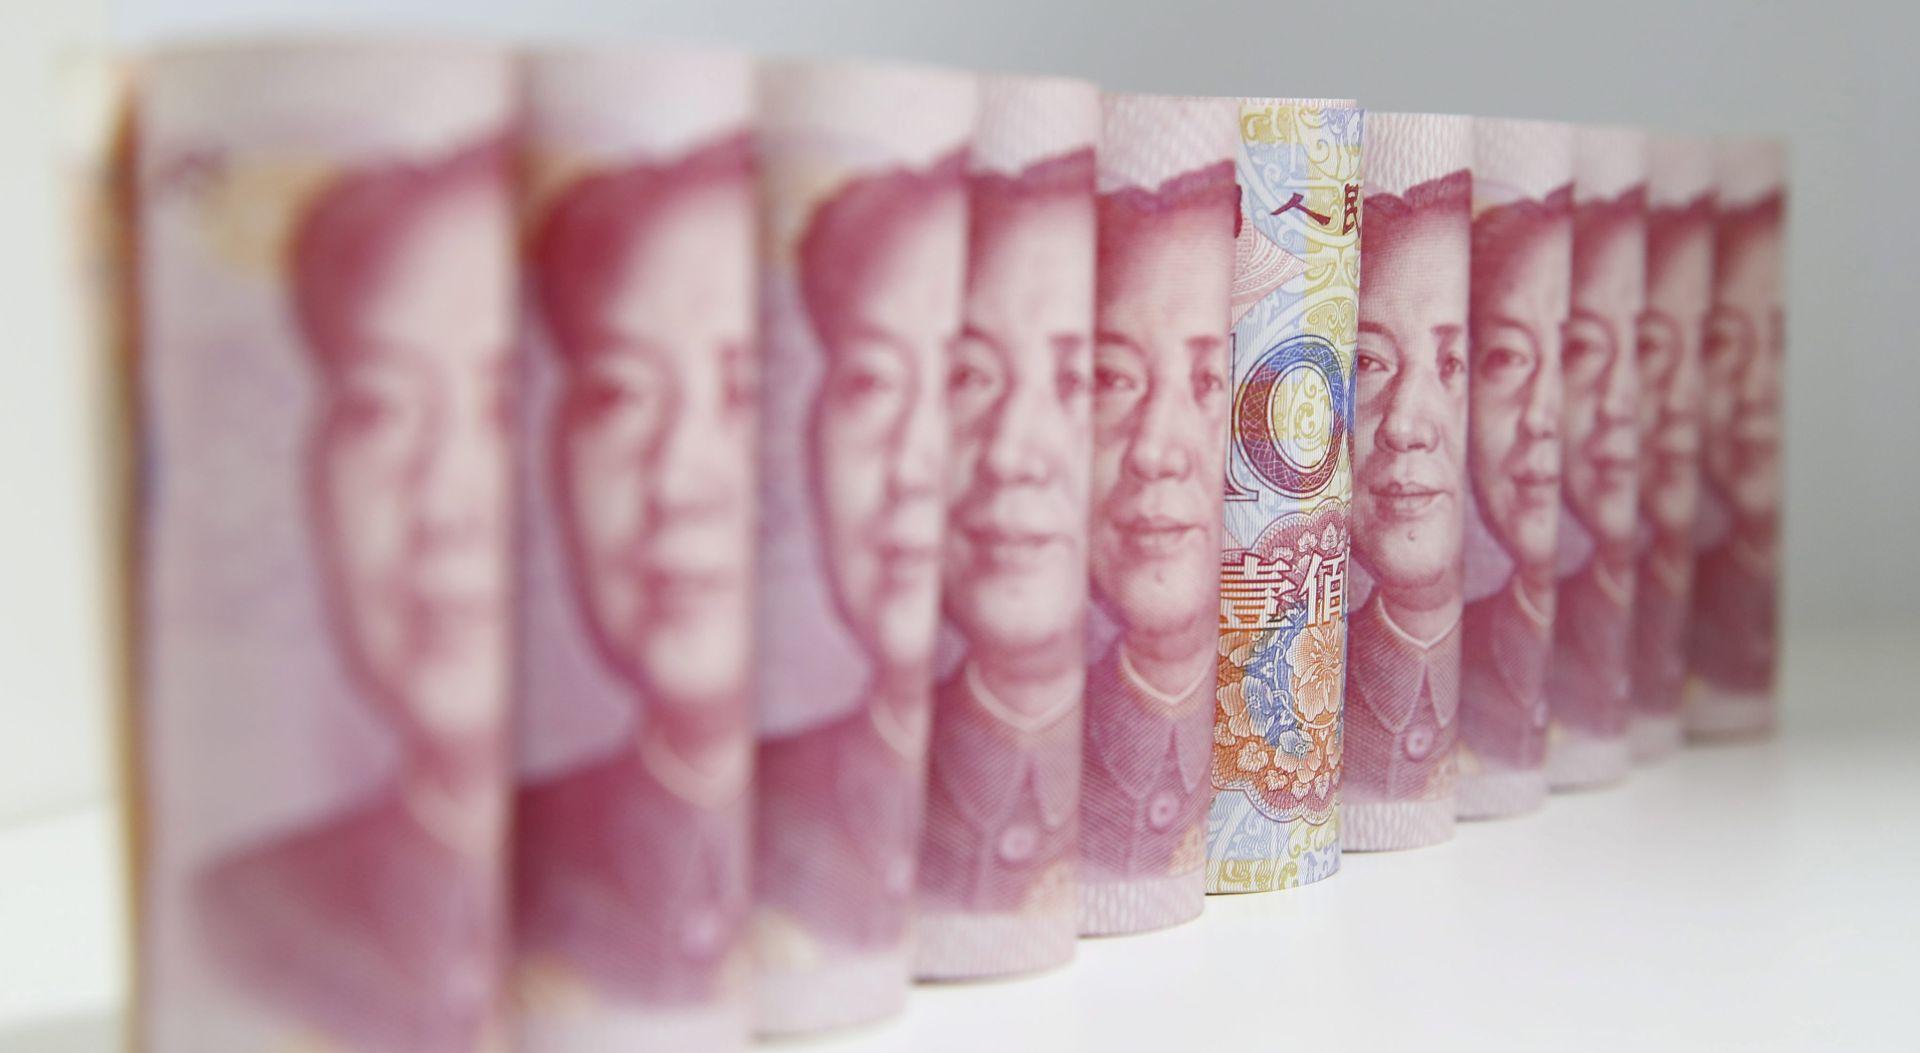 Kineski mediji optužuju Sorosa za 'proglašenje rata' protiv juana